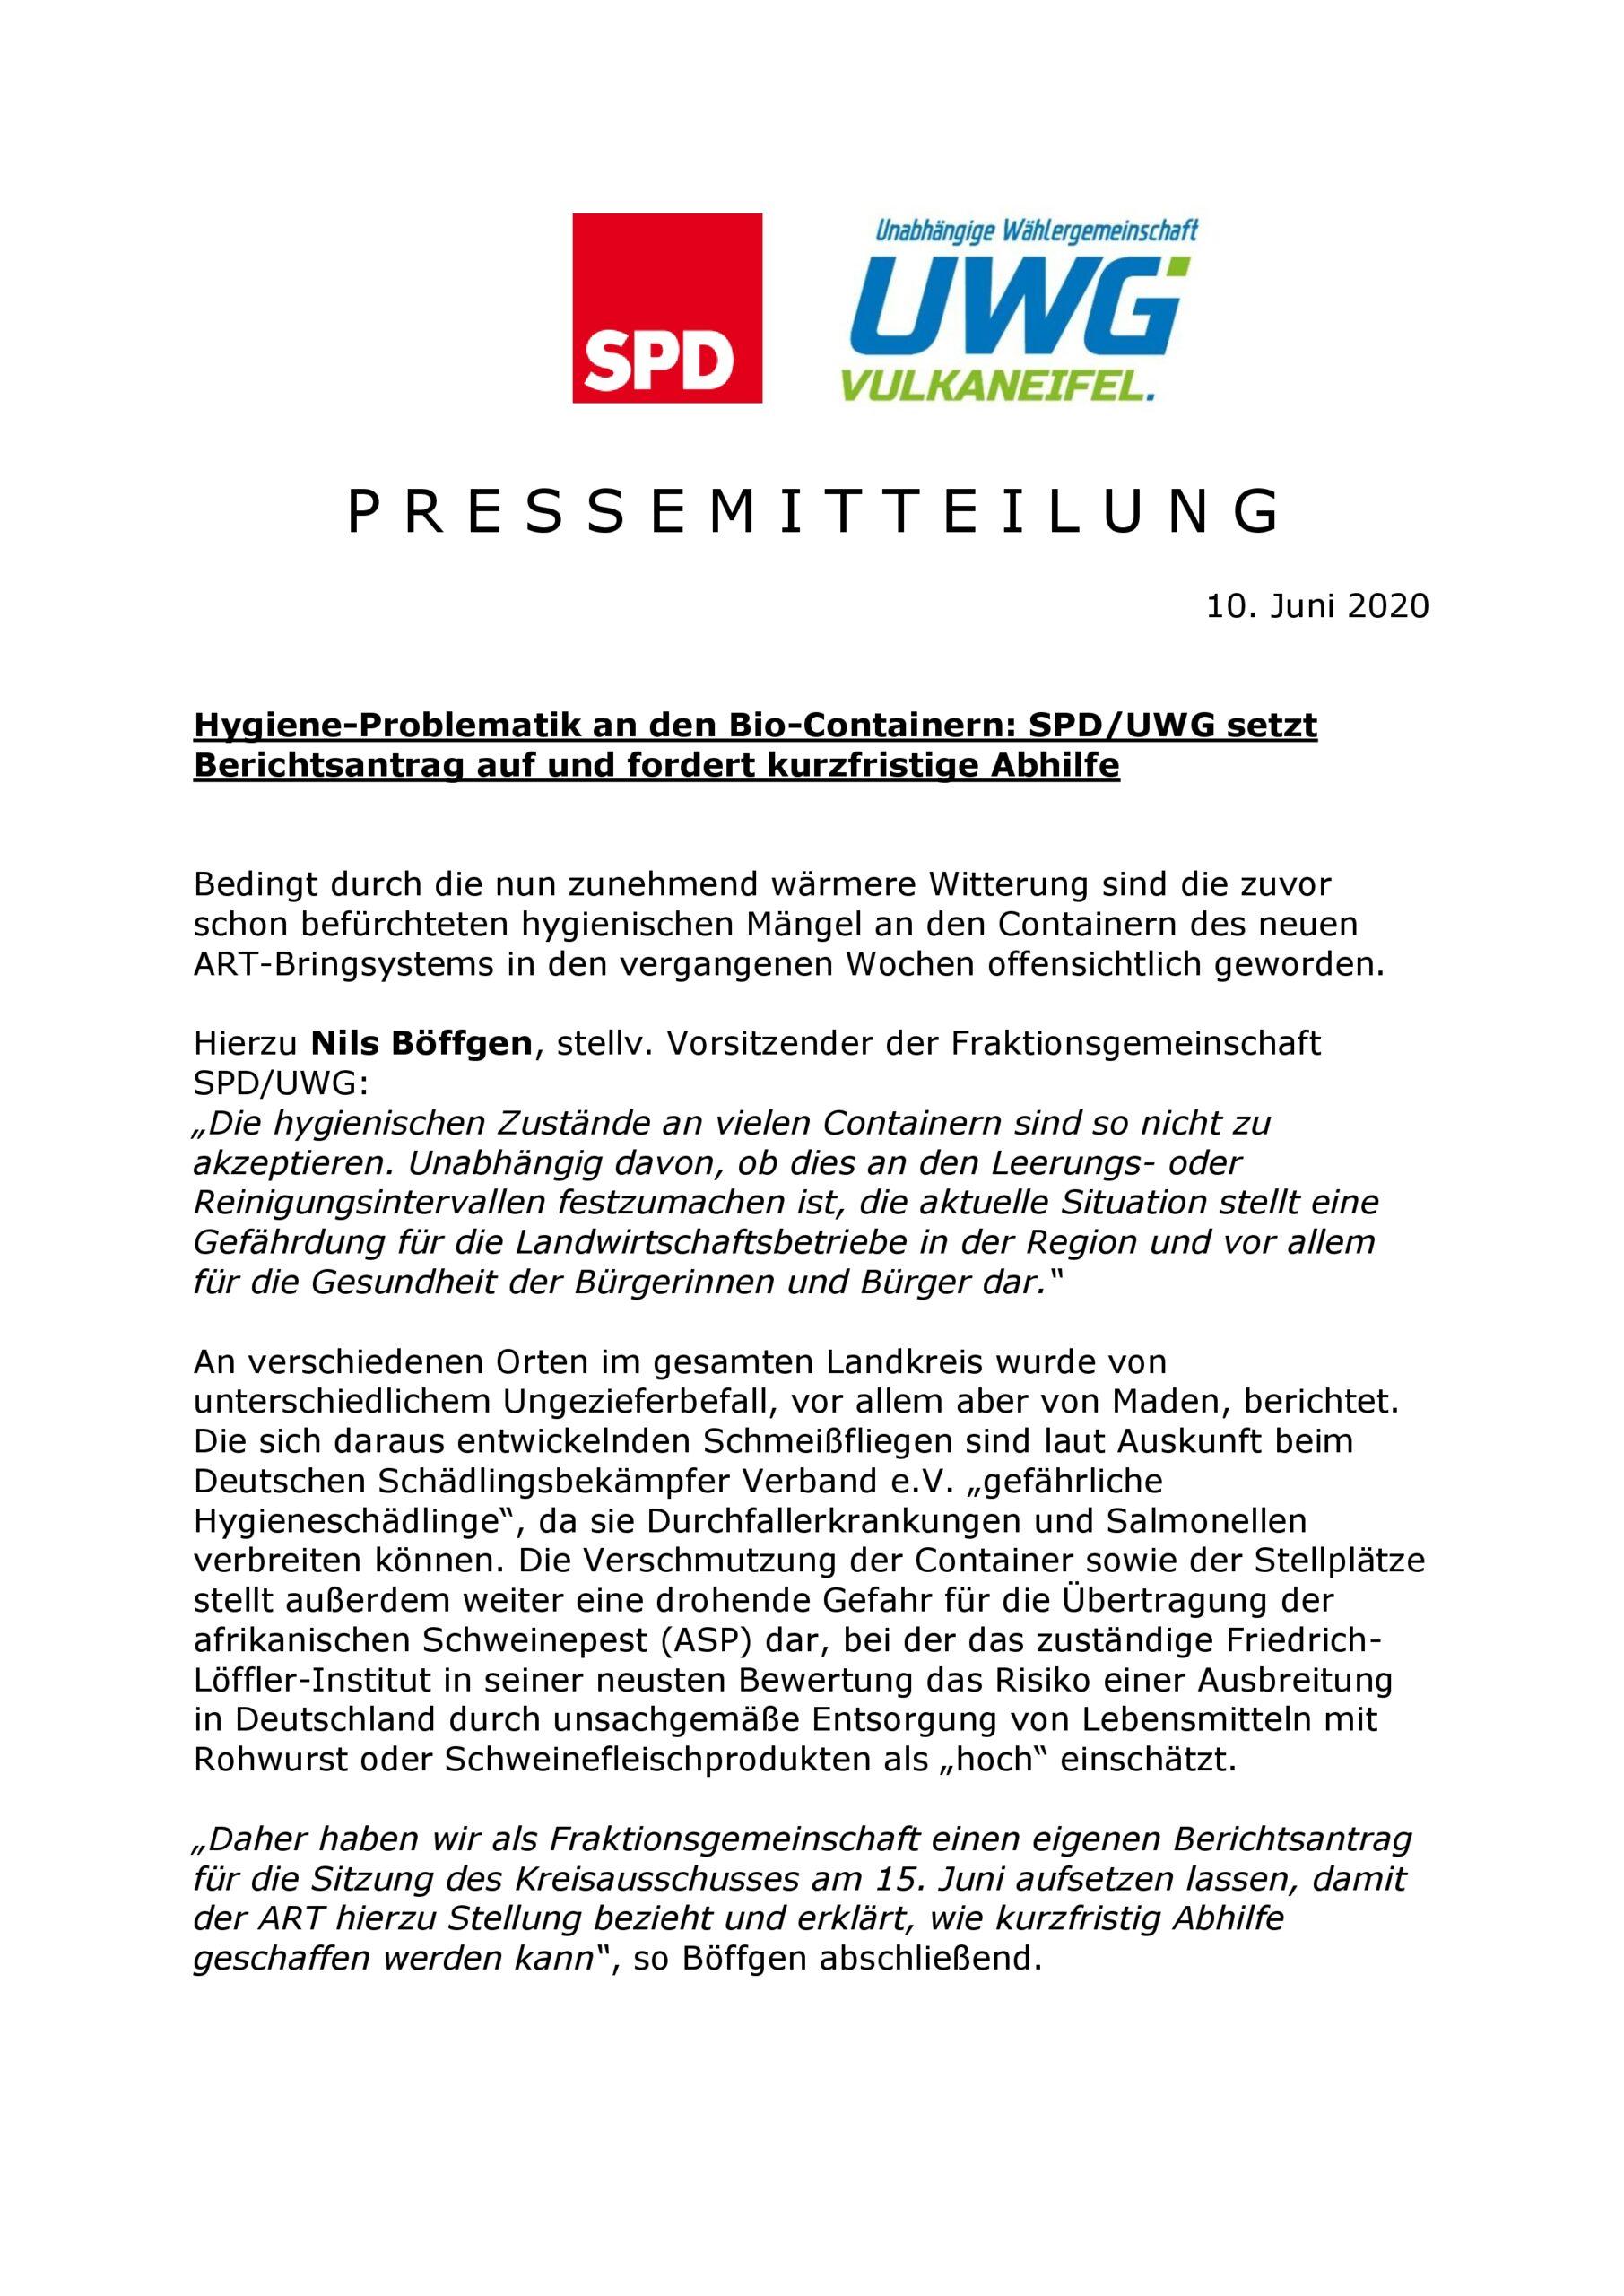 Hygiene-Problematik an den Bio-Containern_10.06.2020